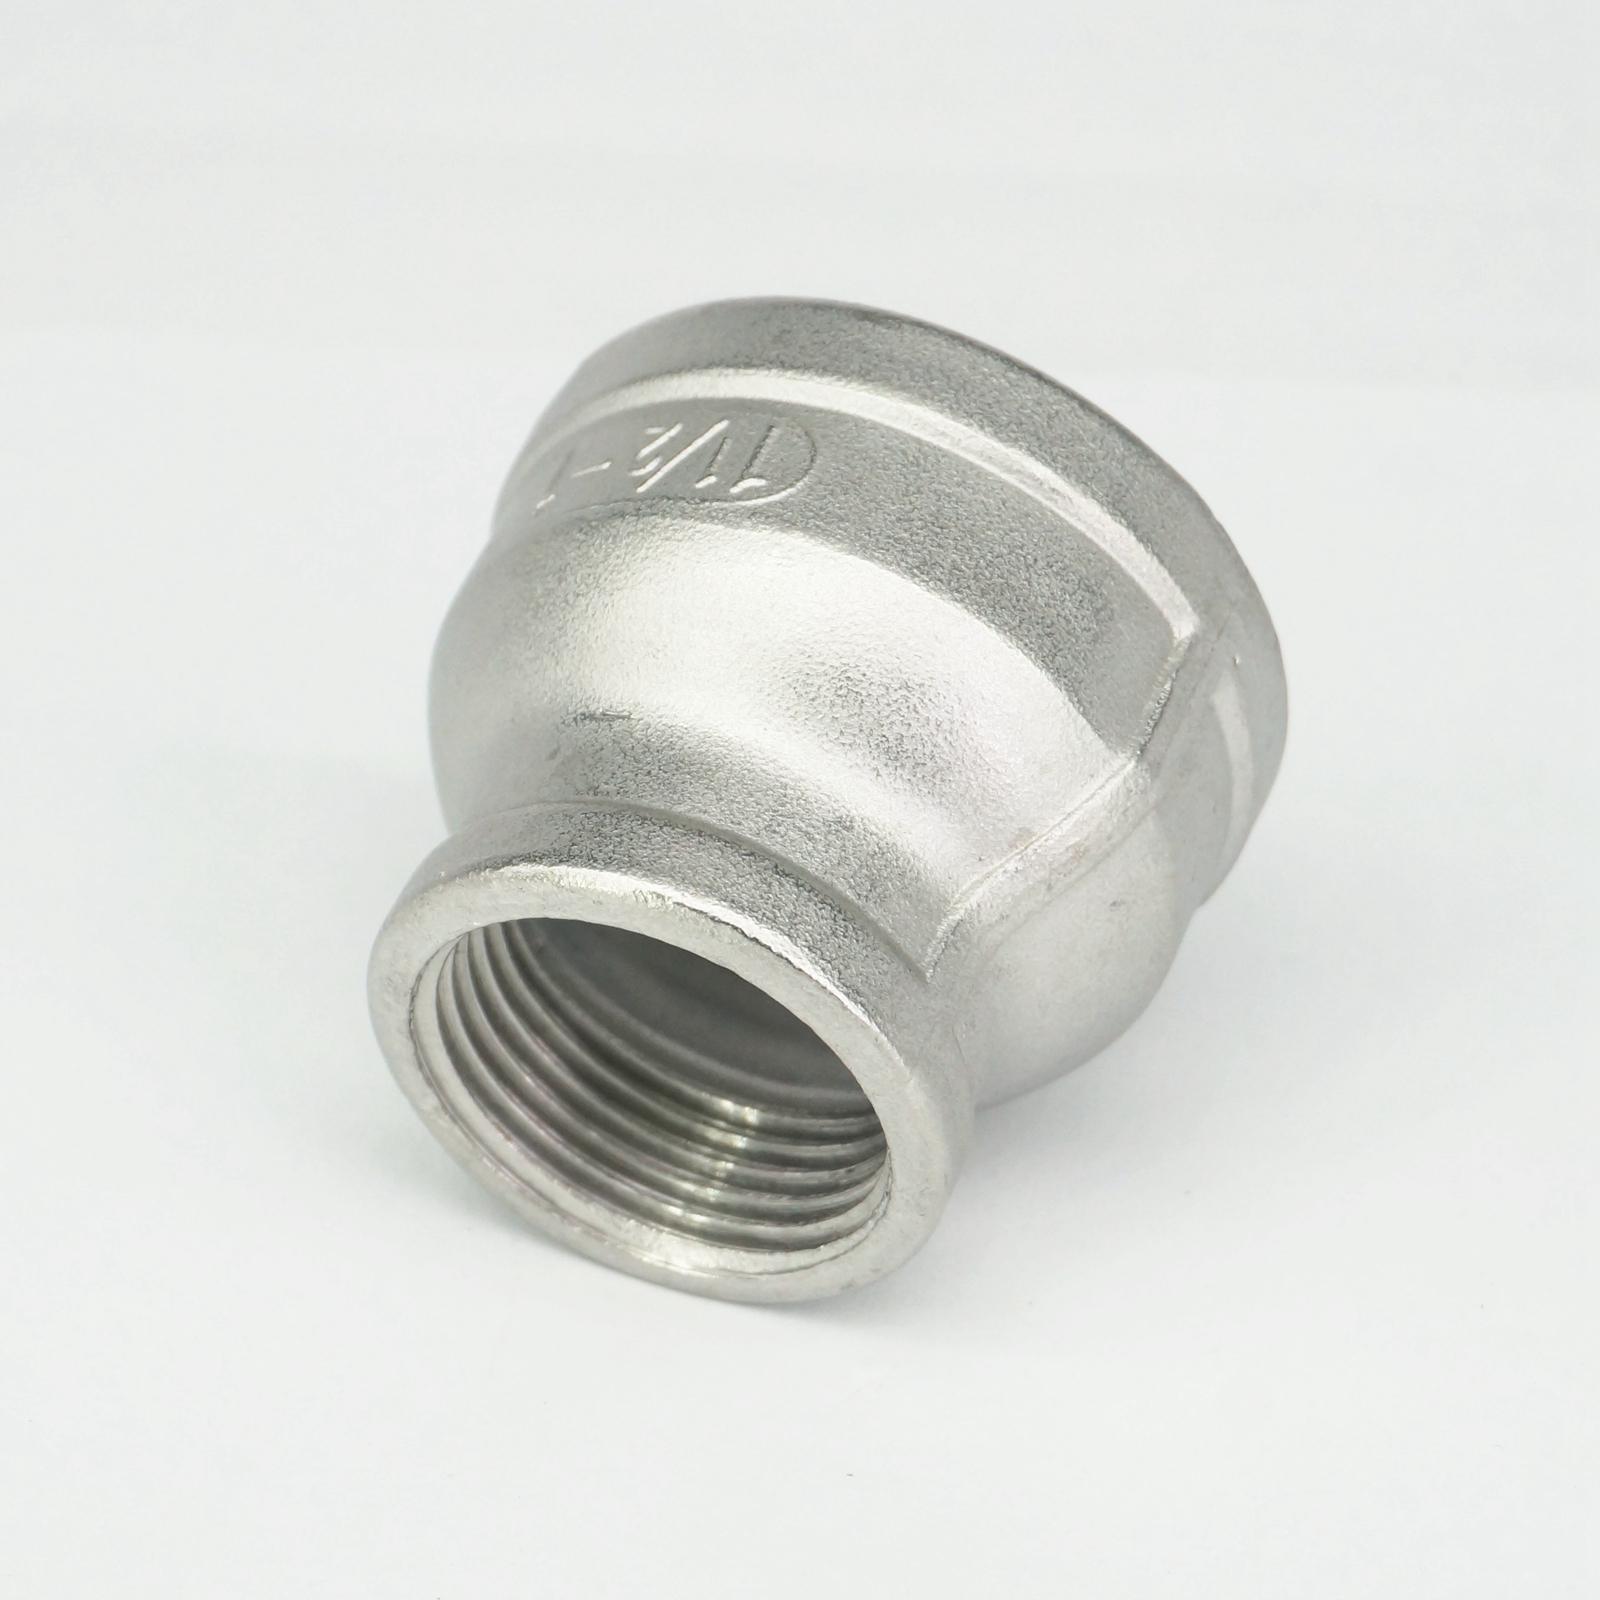 Acero inoxidable 304 tuerca hexagonal Pipe fitting connector adaptador 1 4  BSP rosca hembra presión máxima 2.5 MPa 107f1d0675e4